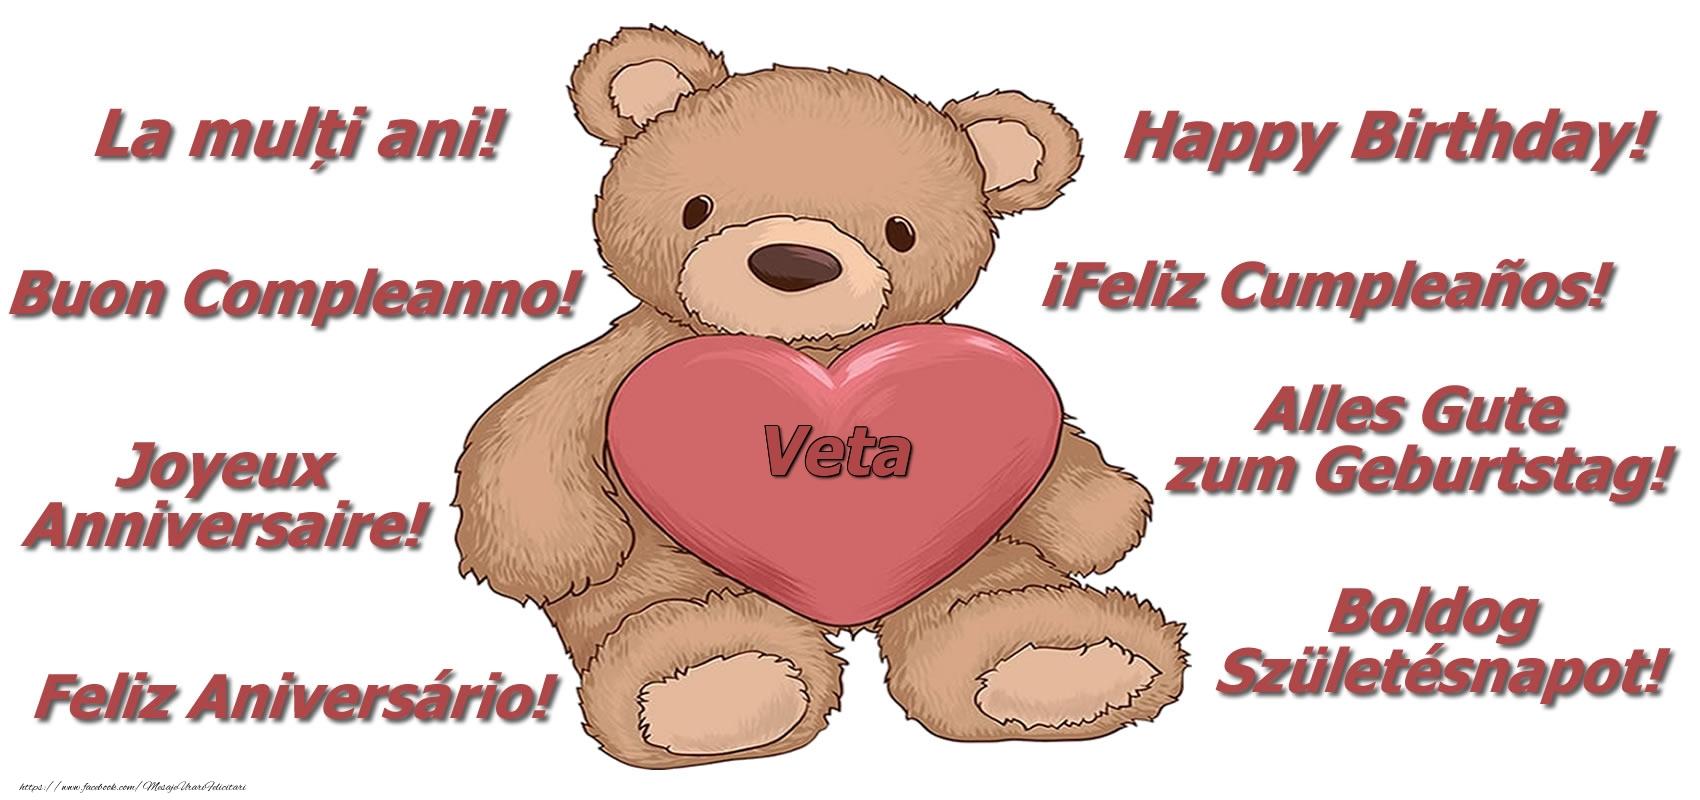 Felicitari de zi de nastere - La multi ani Veta! - Ursulet